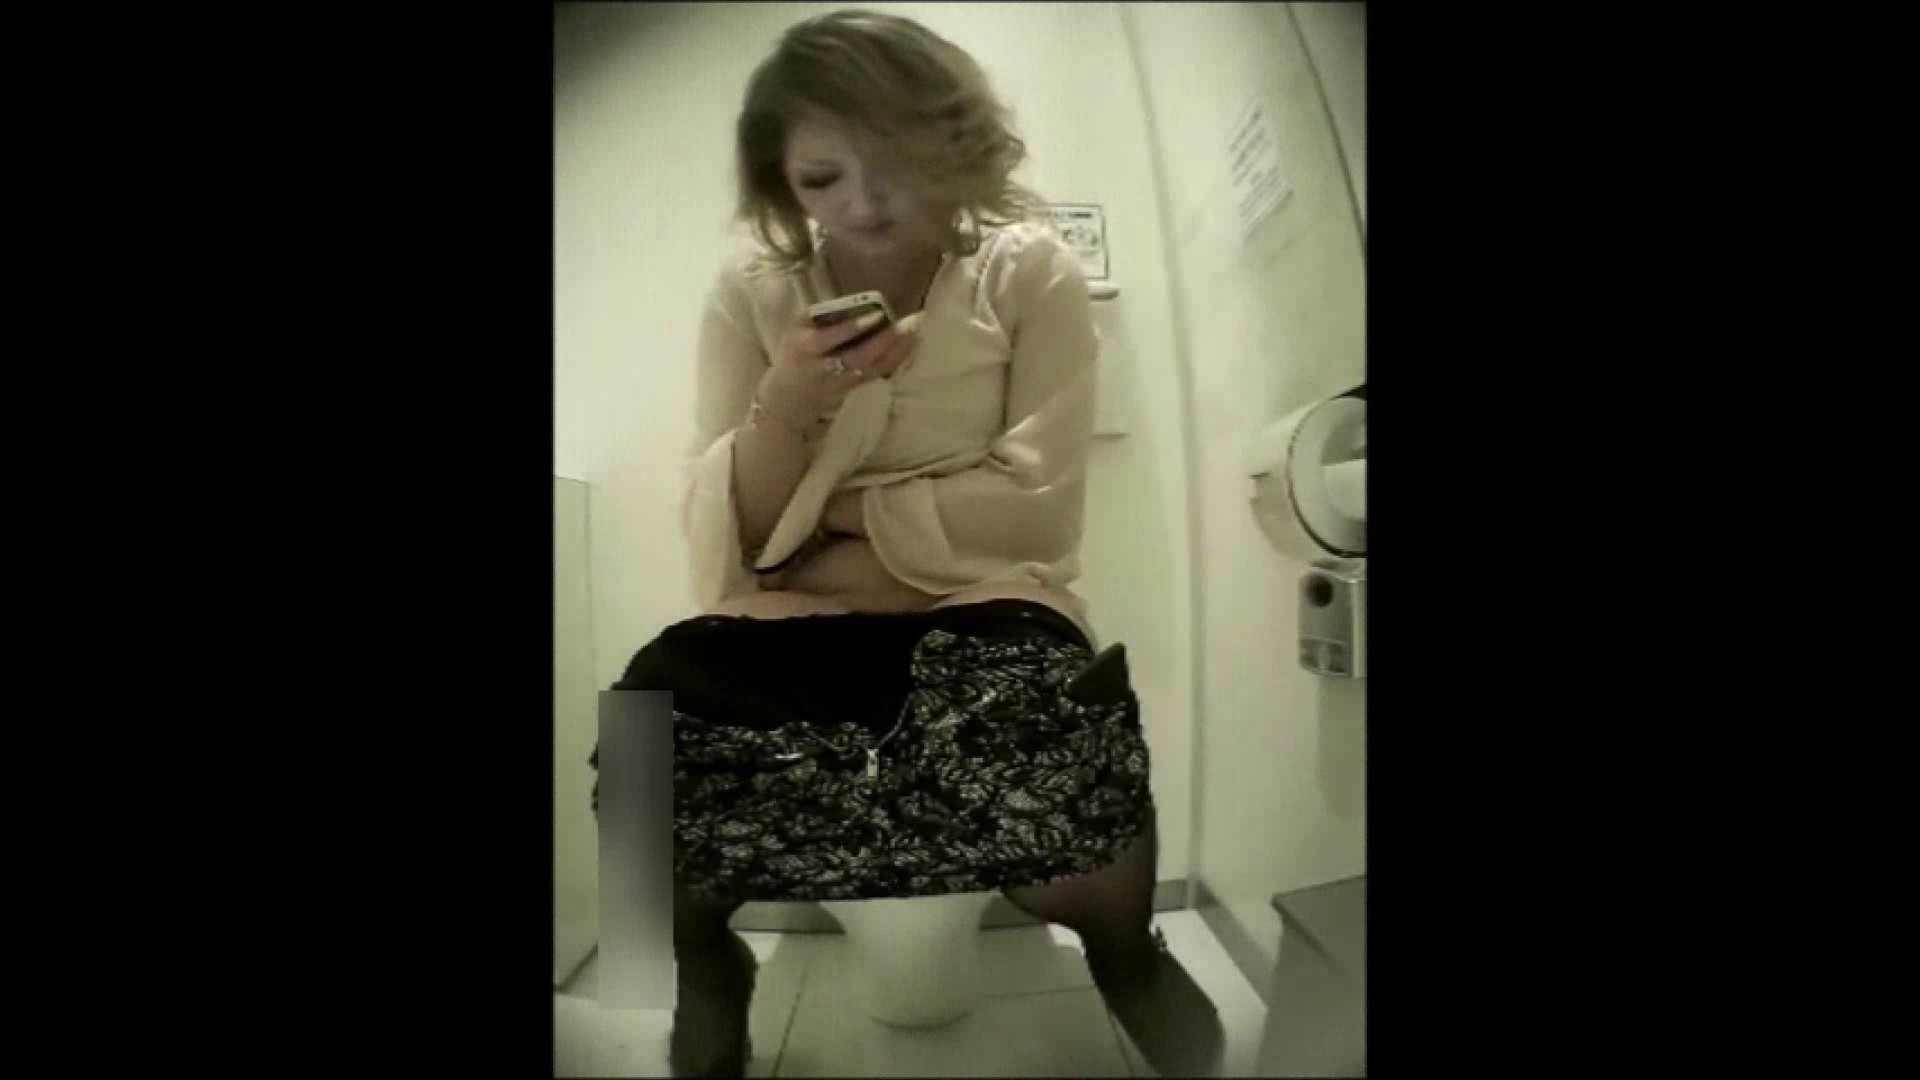 洗面所盗撮~隣の美人お姉さんVol.15 お姉さんのエッチ すけべAV動画紹介 72PIX 40